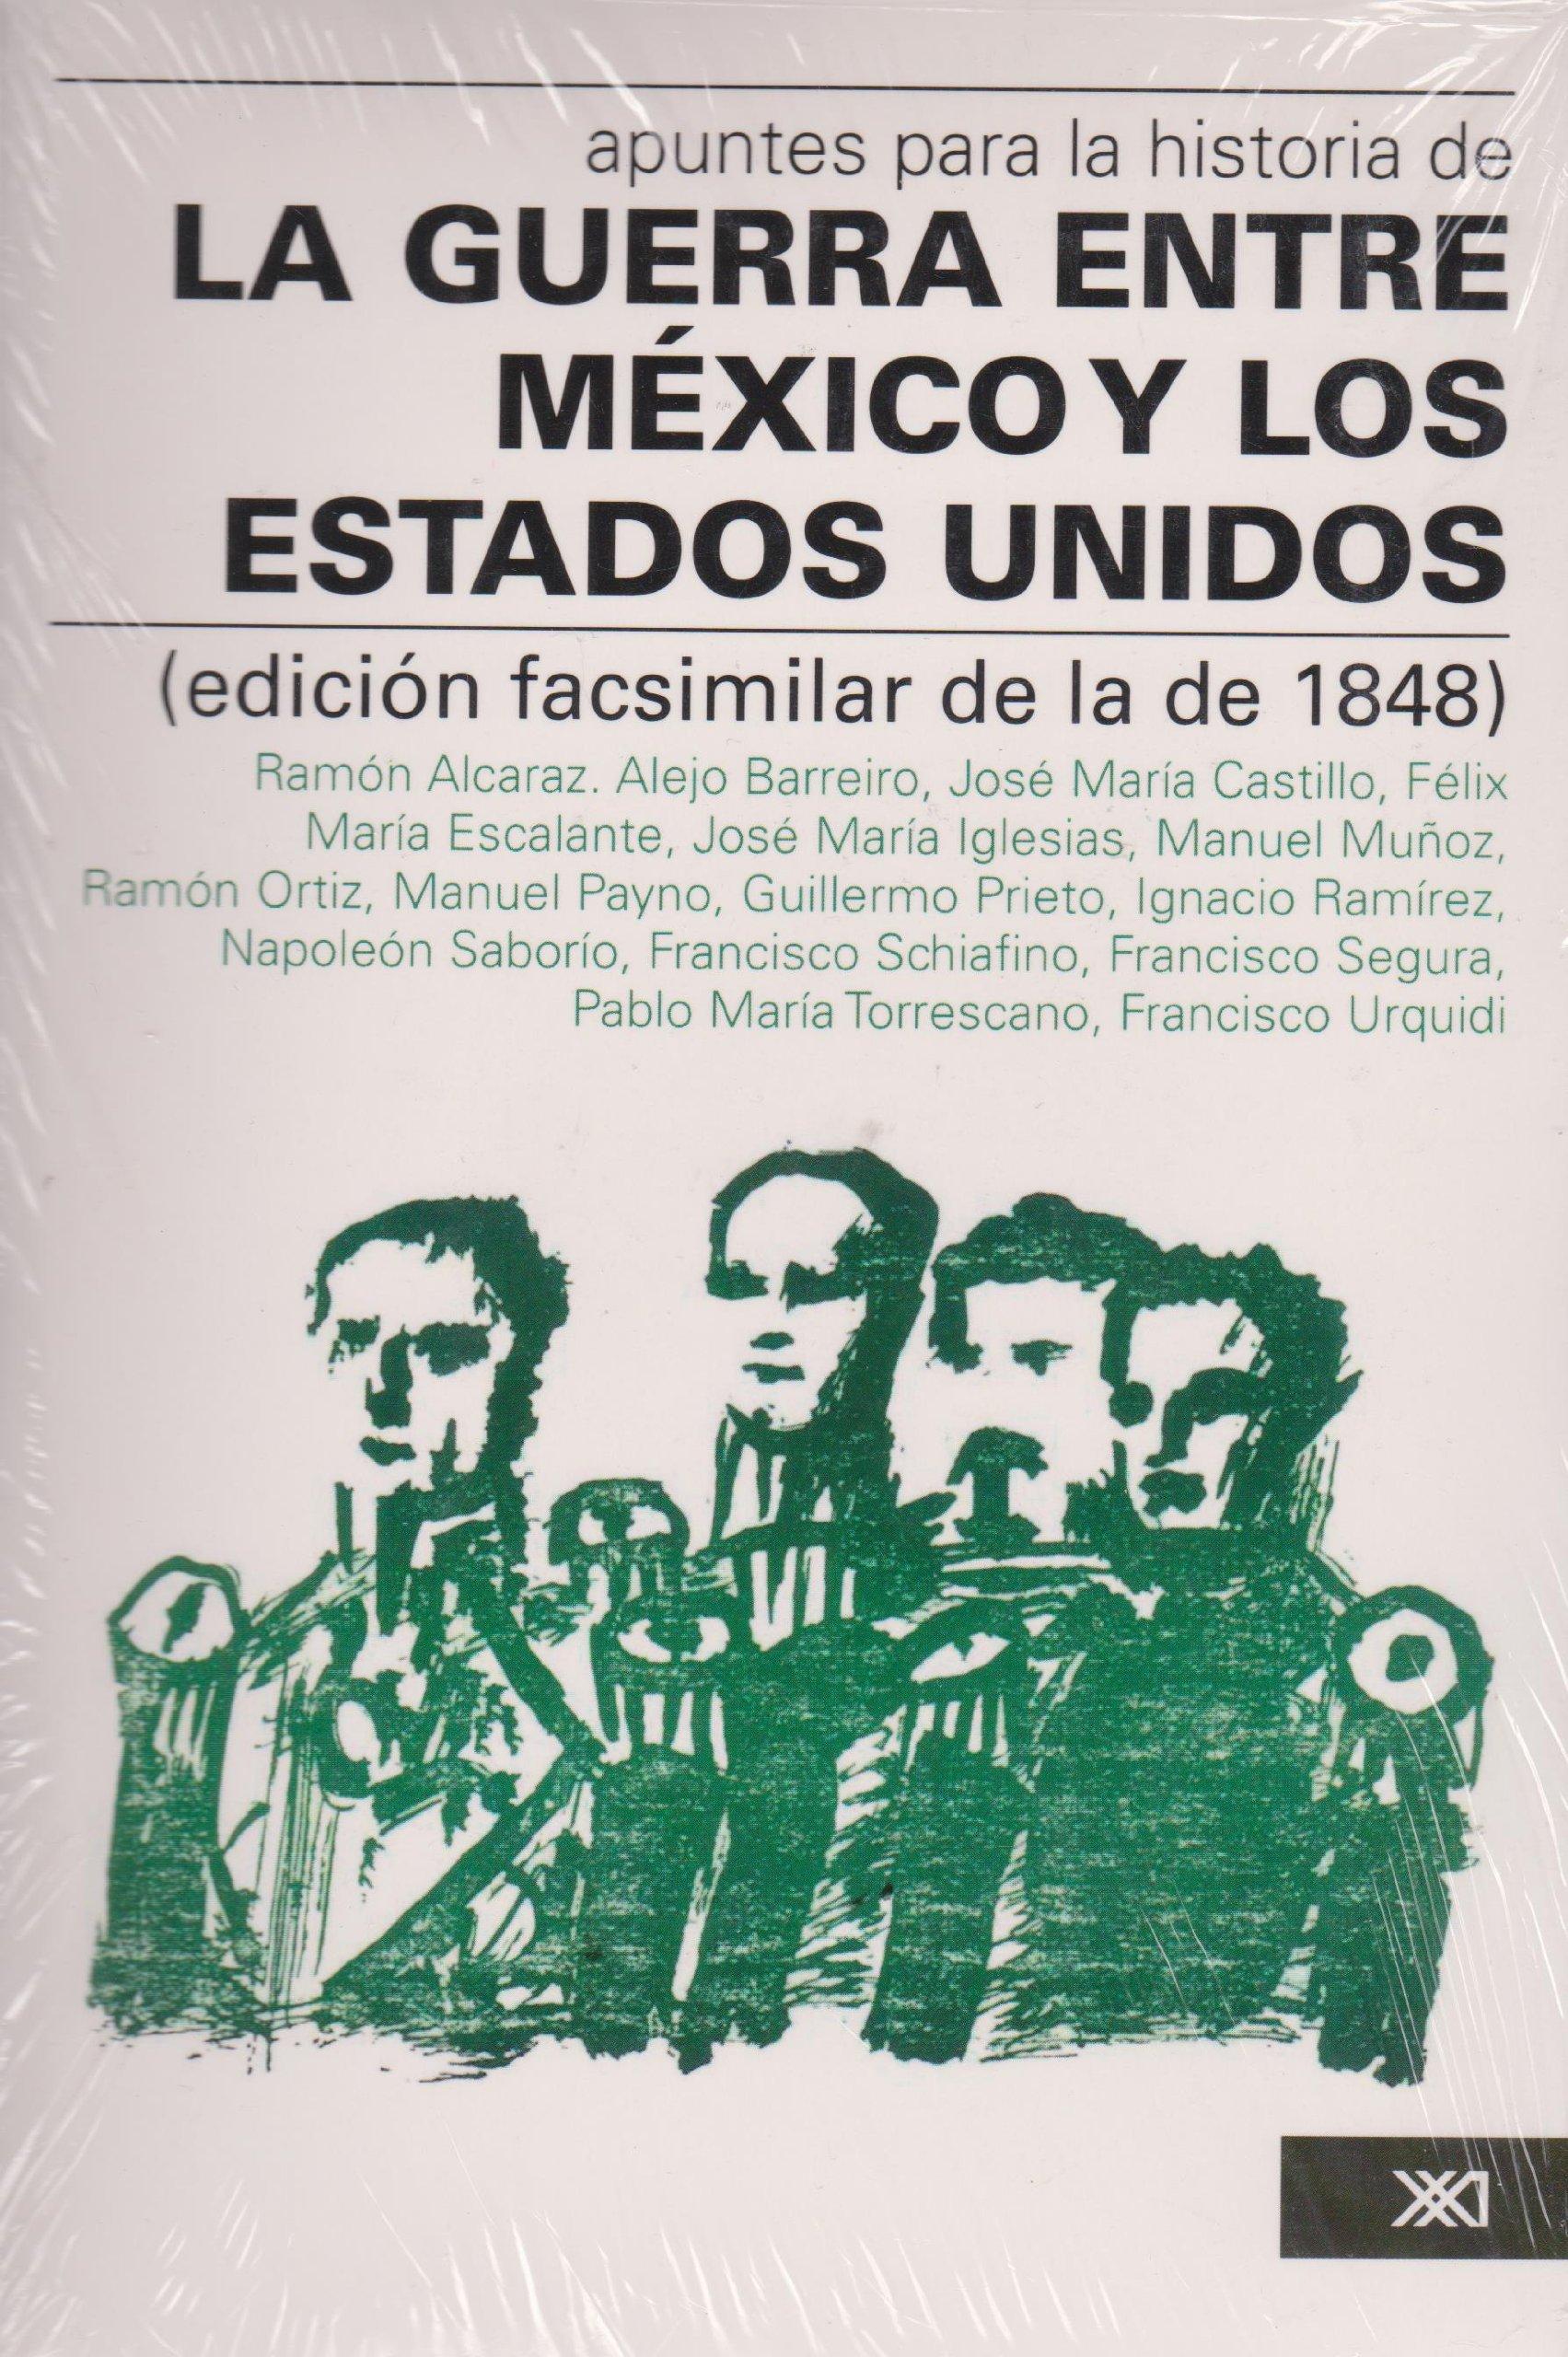 apuntes para la historia de la guerra entre mexico y los estados unidos: Amazon.es: Libros